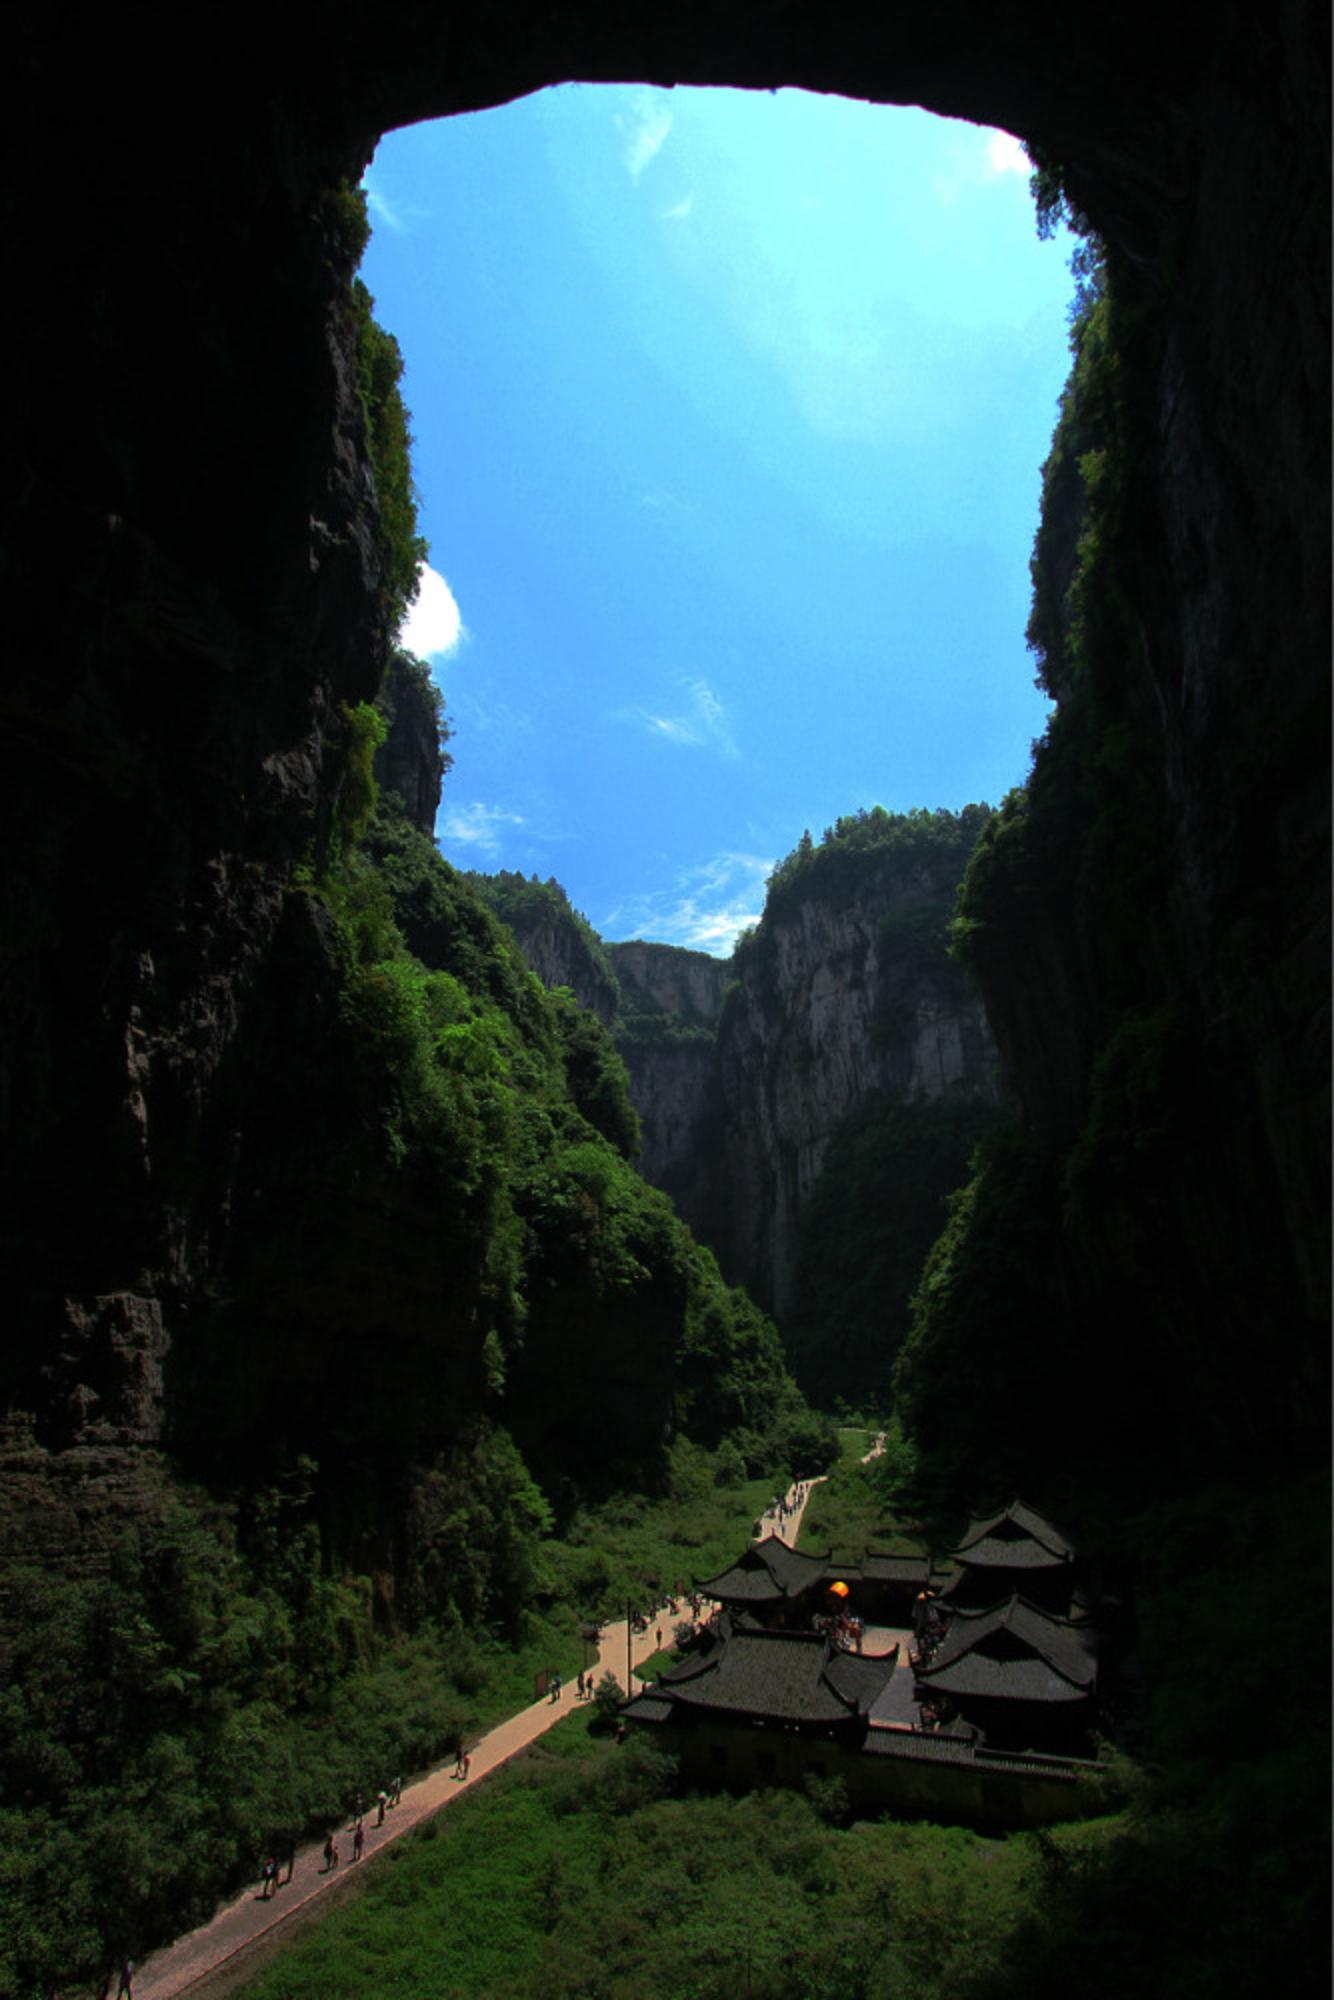 武隆_重庆旅游攻略_自助游攻略_去哪儿攻略社区